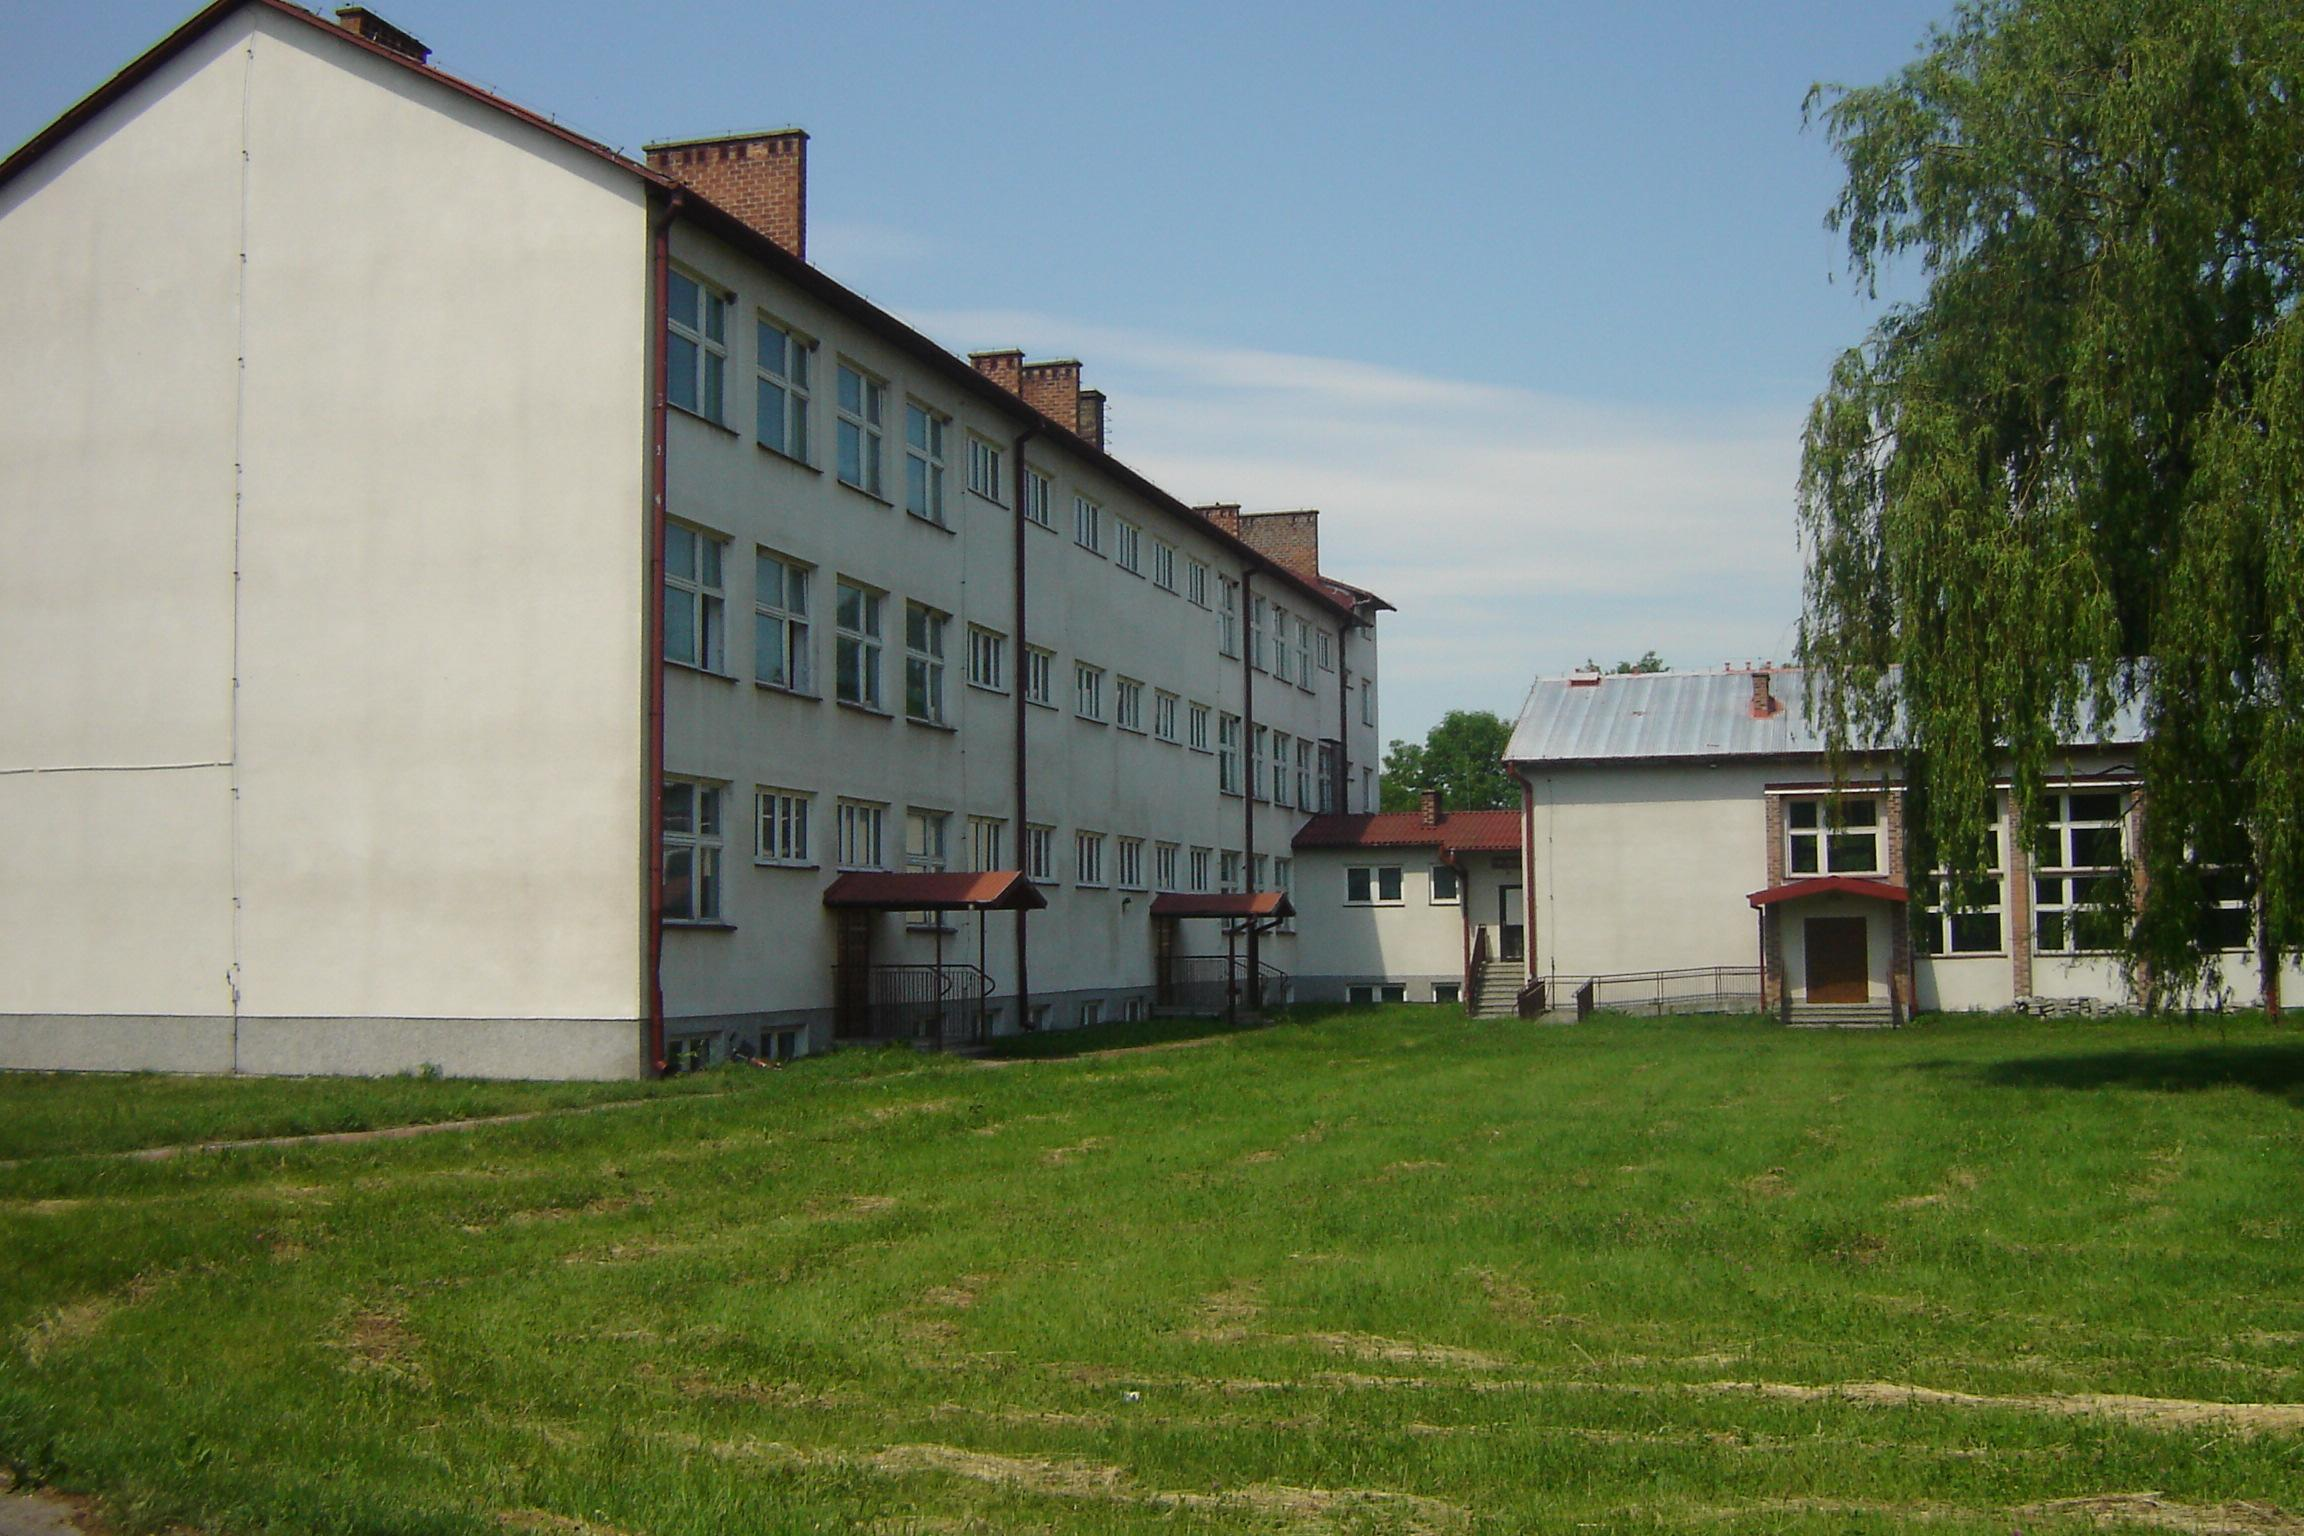 budynek szkolny - widok z tyłu